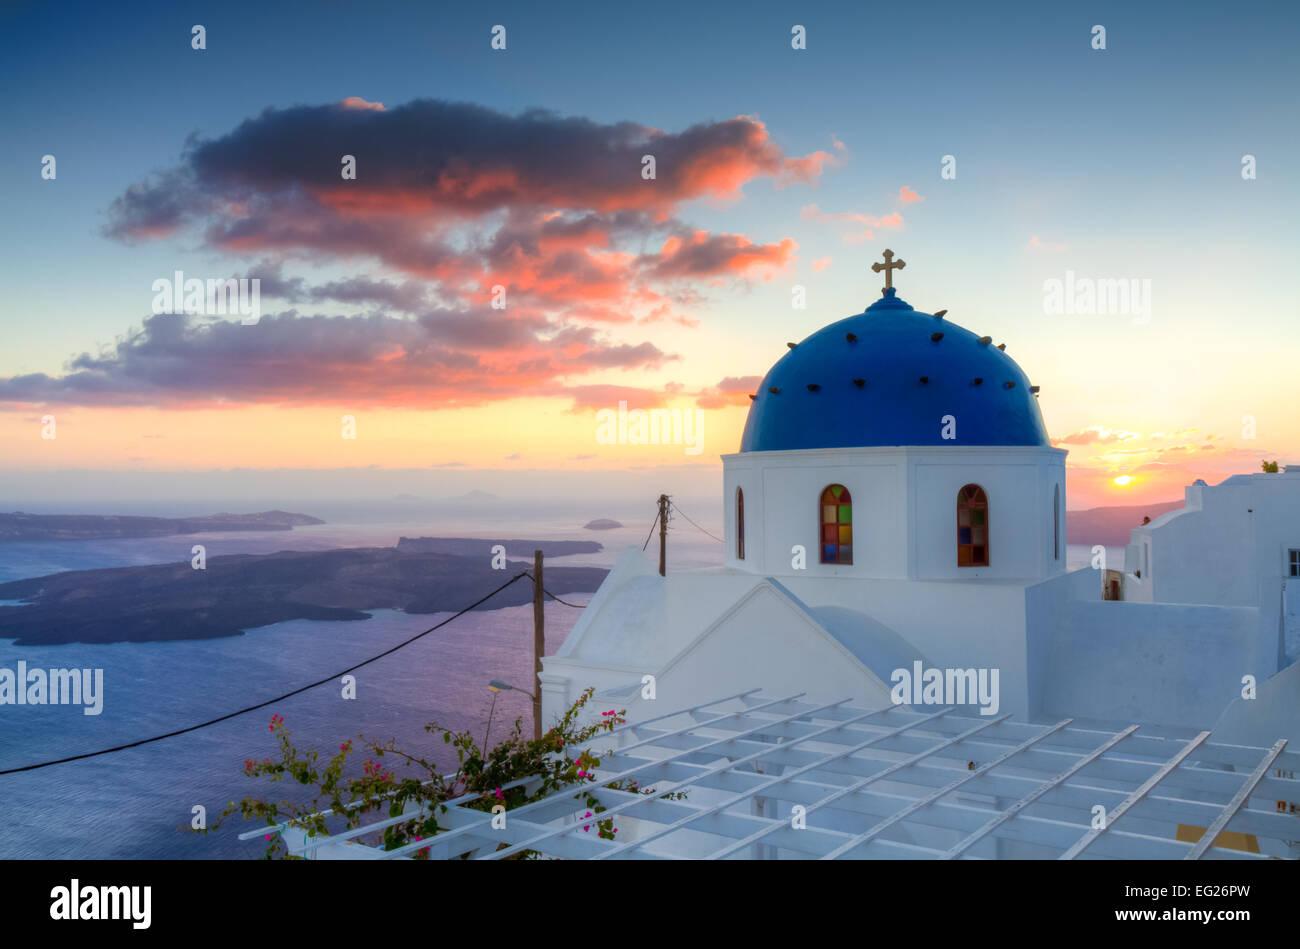 Atardecer en Imerovigli, Santorini, Cícladas, Grecia Imagen De Stock